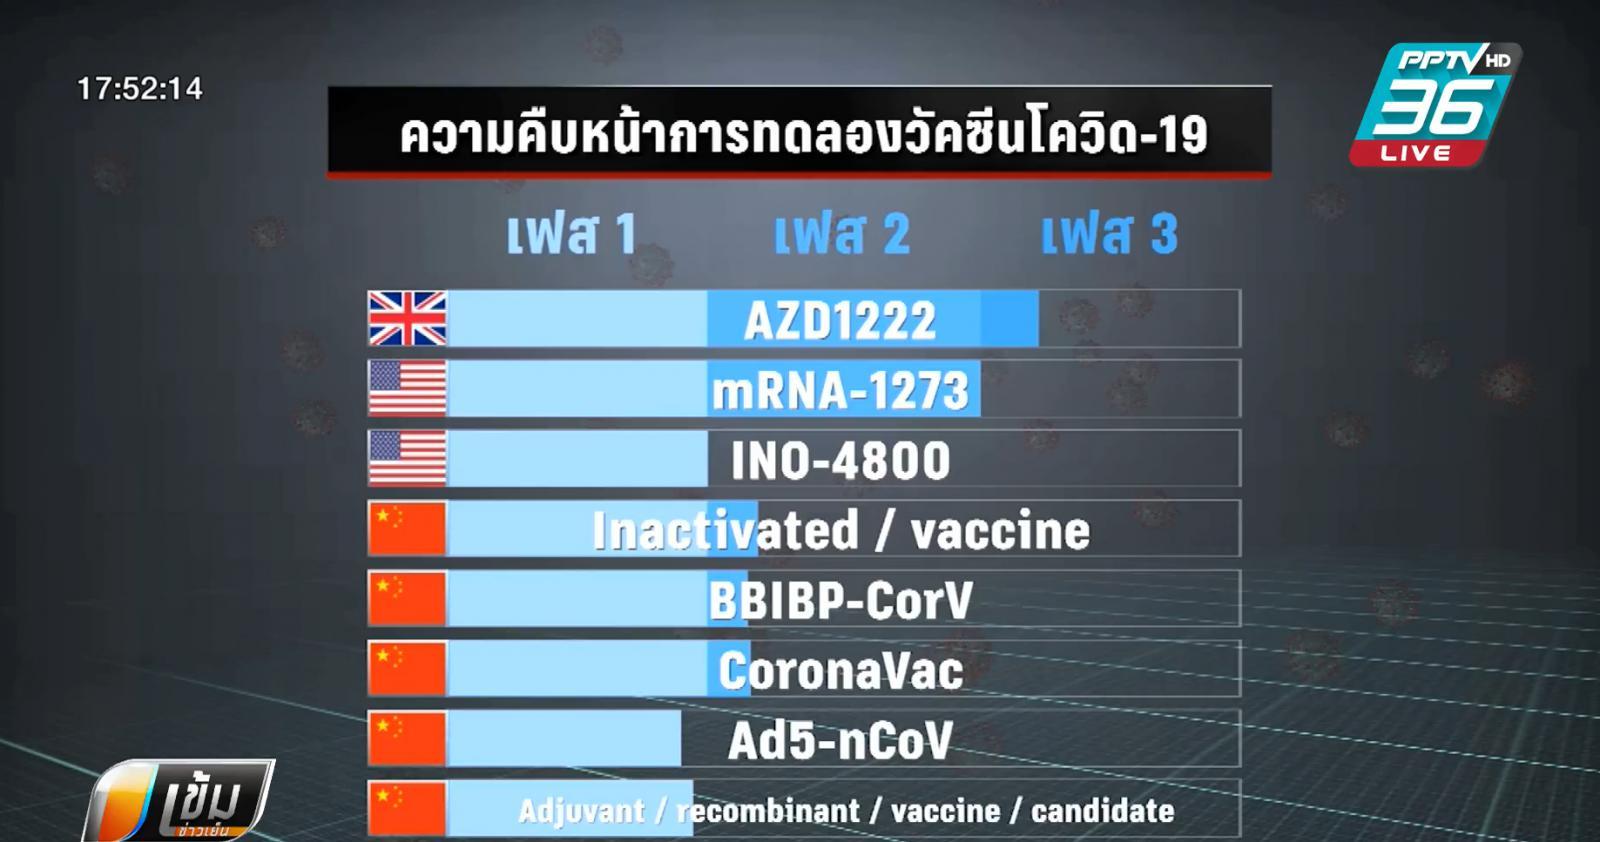 อินเดีย เตรียมทดลองวัคซีน โควิด-19 ในมนุษย์ ก.ค.นี้